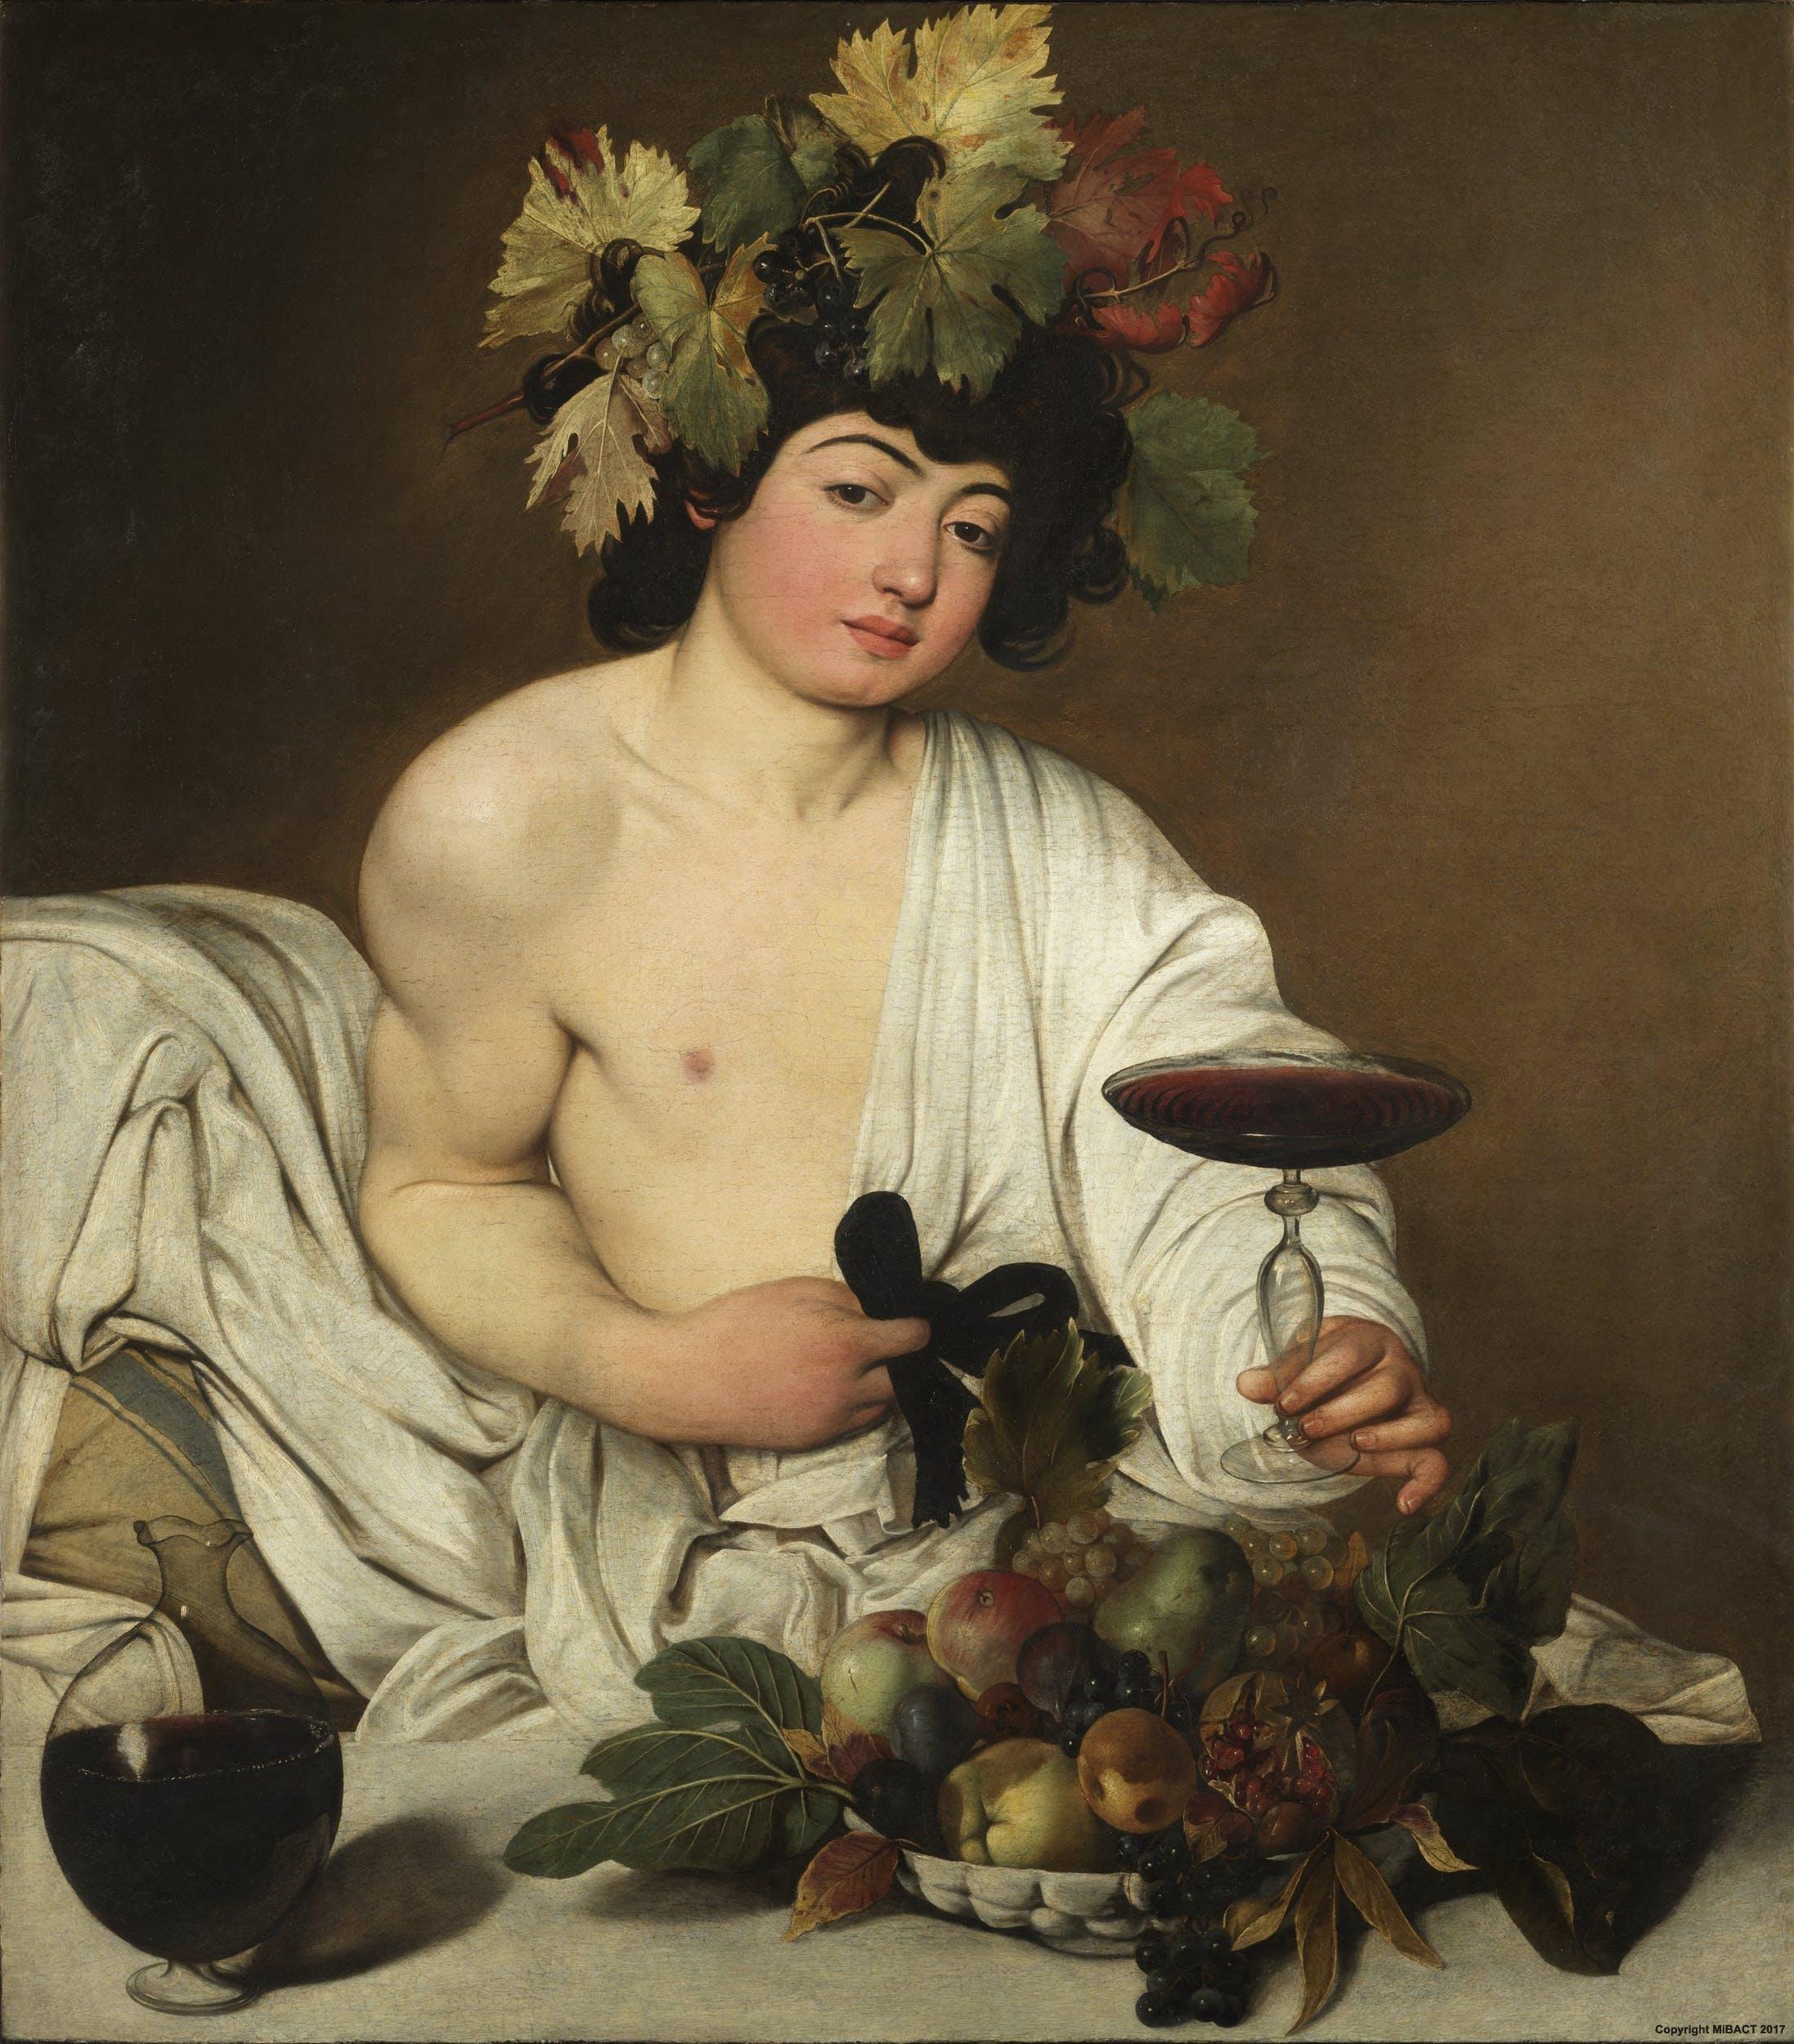 Mit rejtett Caravaggio Bacchus boroskancsójába?